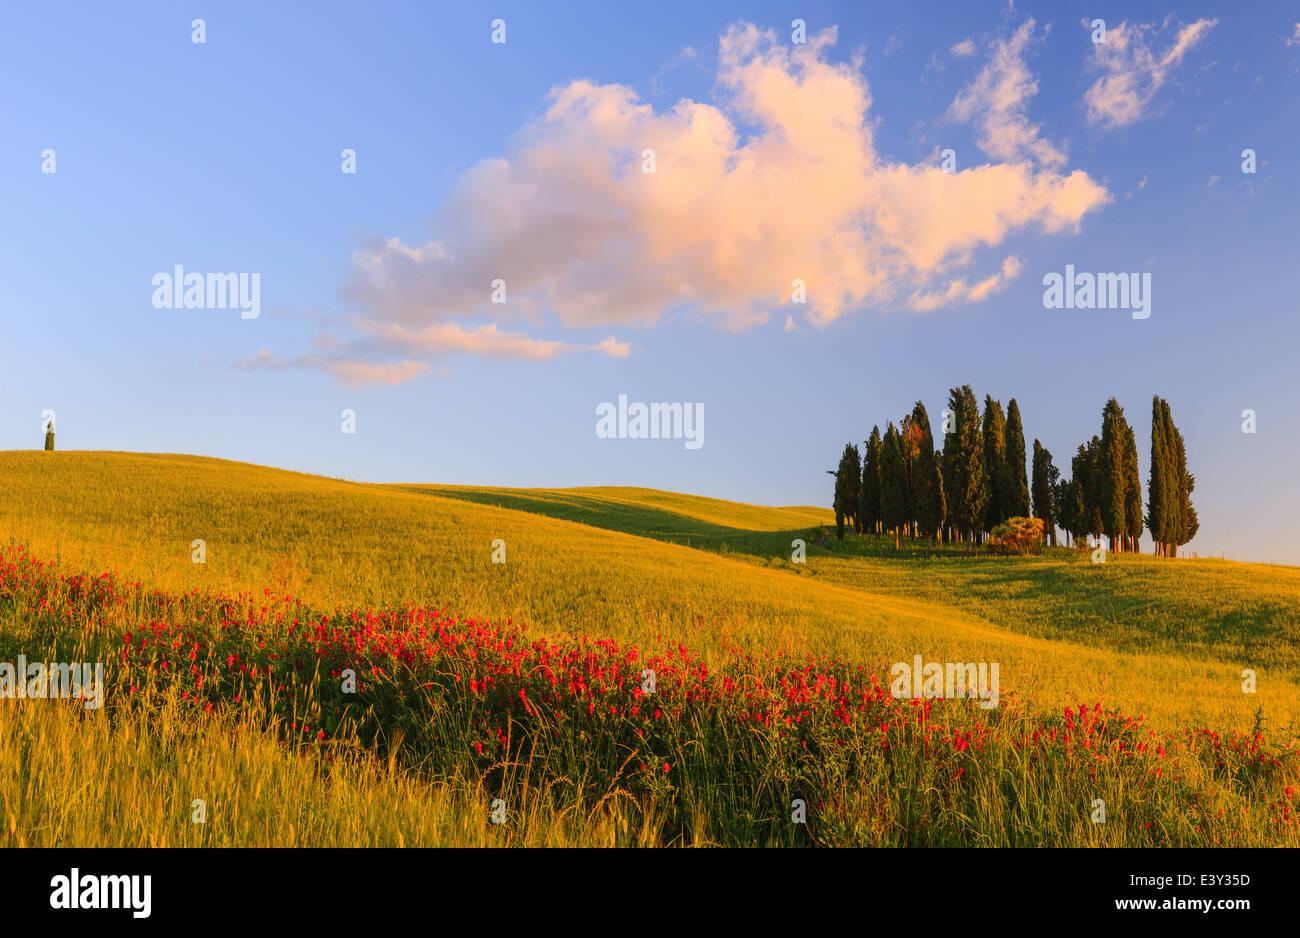 Kreis von Zypressen in der Nähe von Torrenieri im Herzen der Toskana, Italien Stockbild